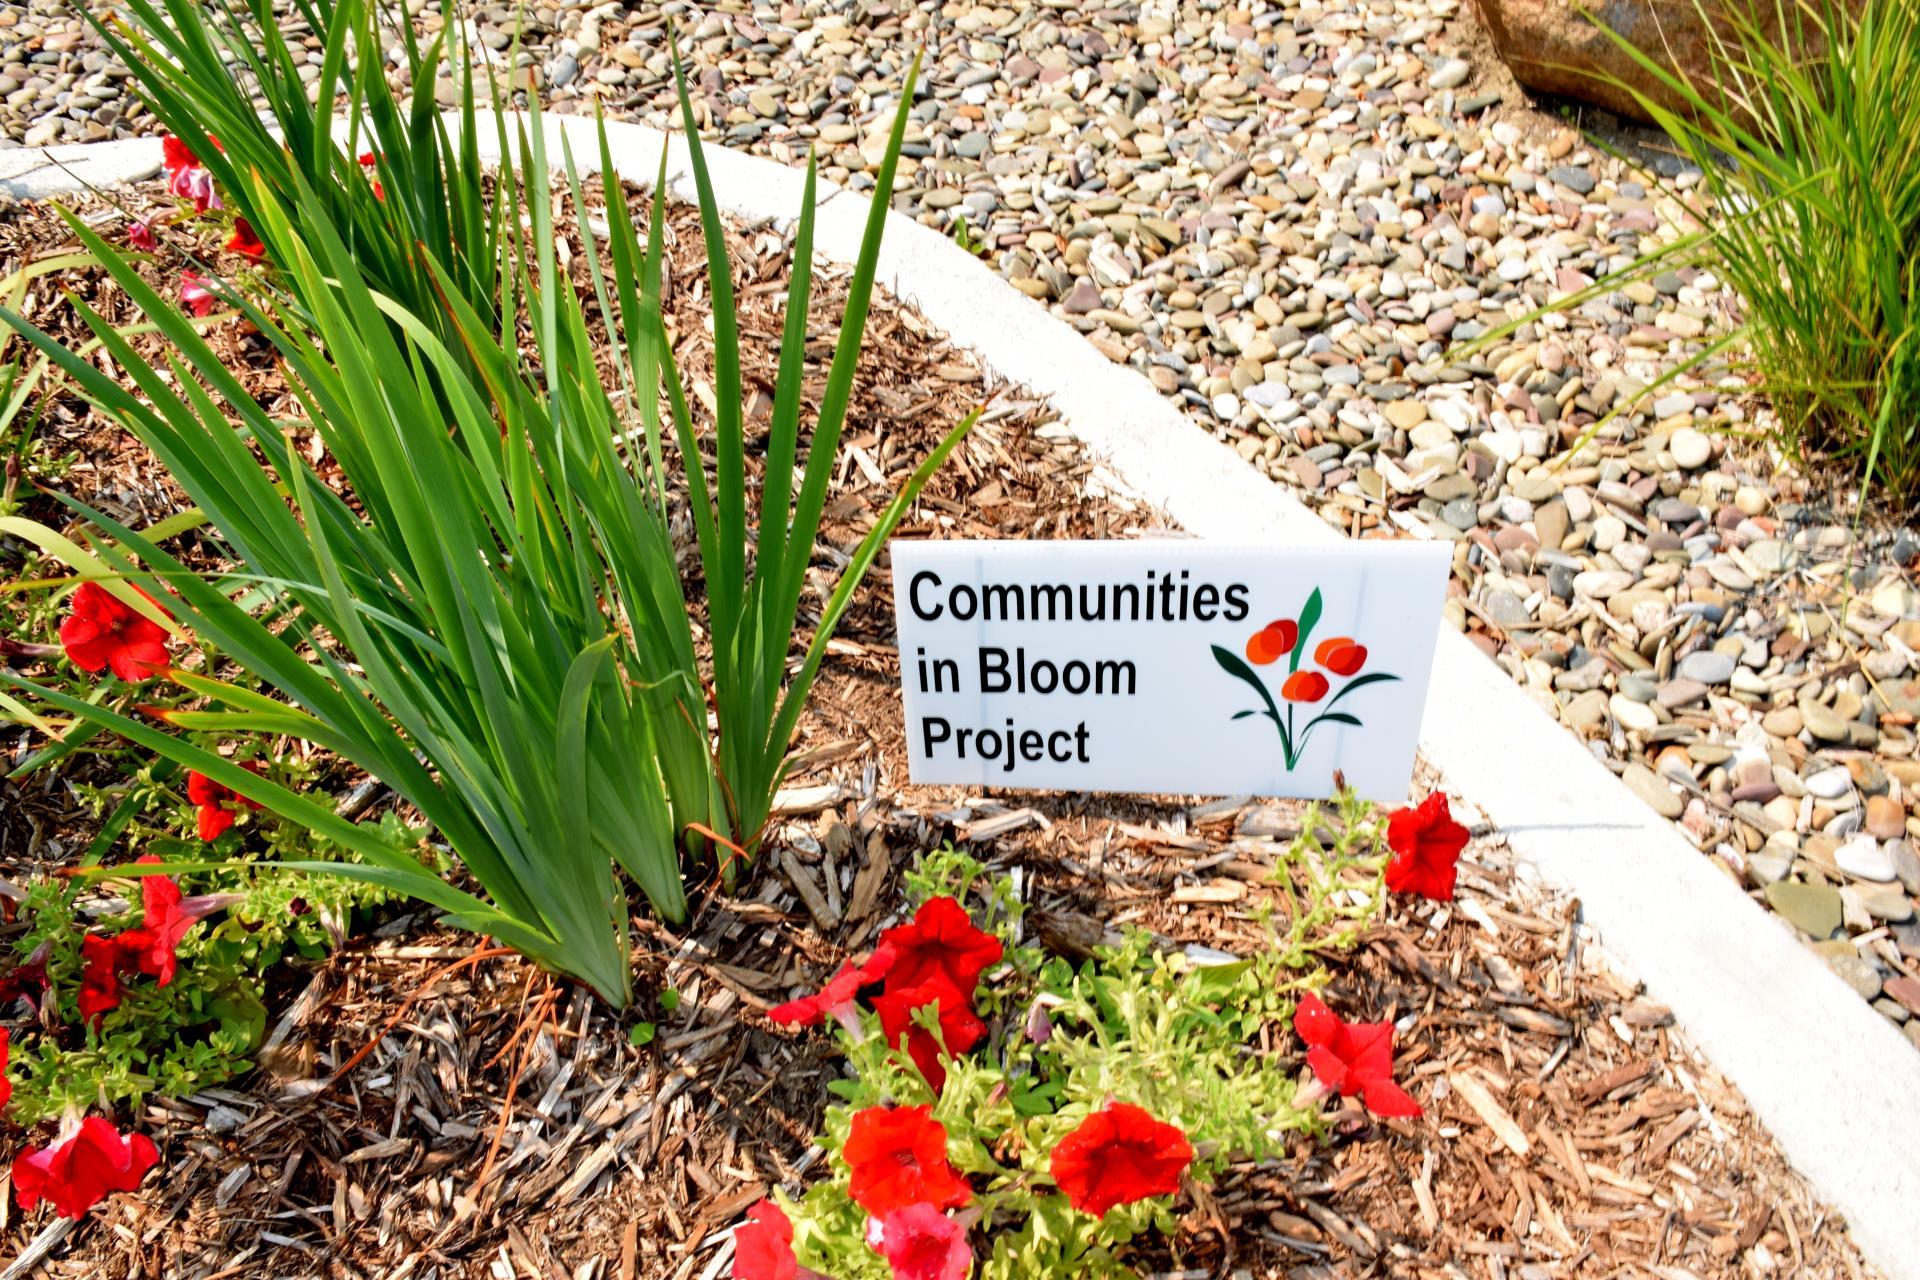 Communities in Bloom 2015